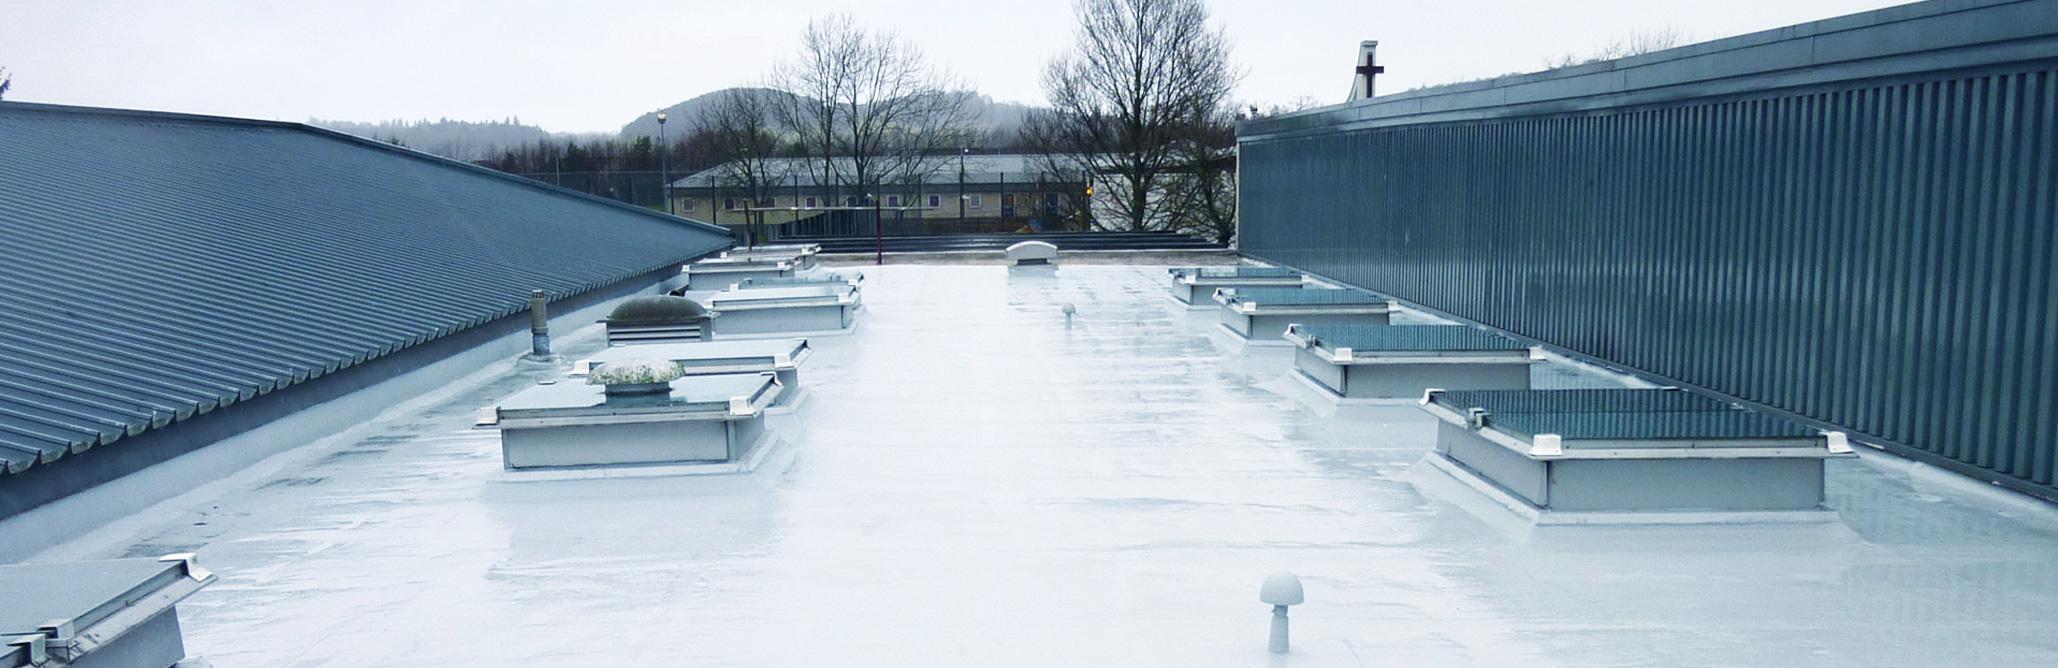 cubierta impermeabilizada con terminacion en aluminio